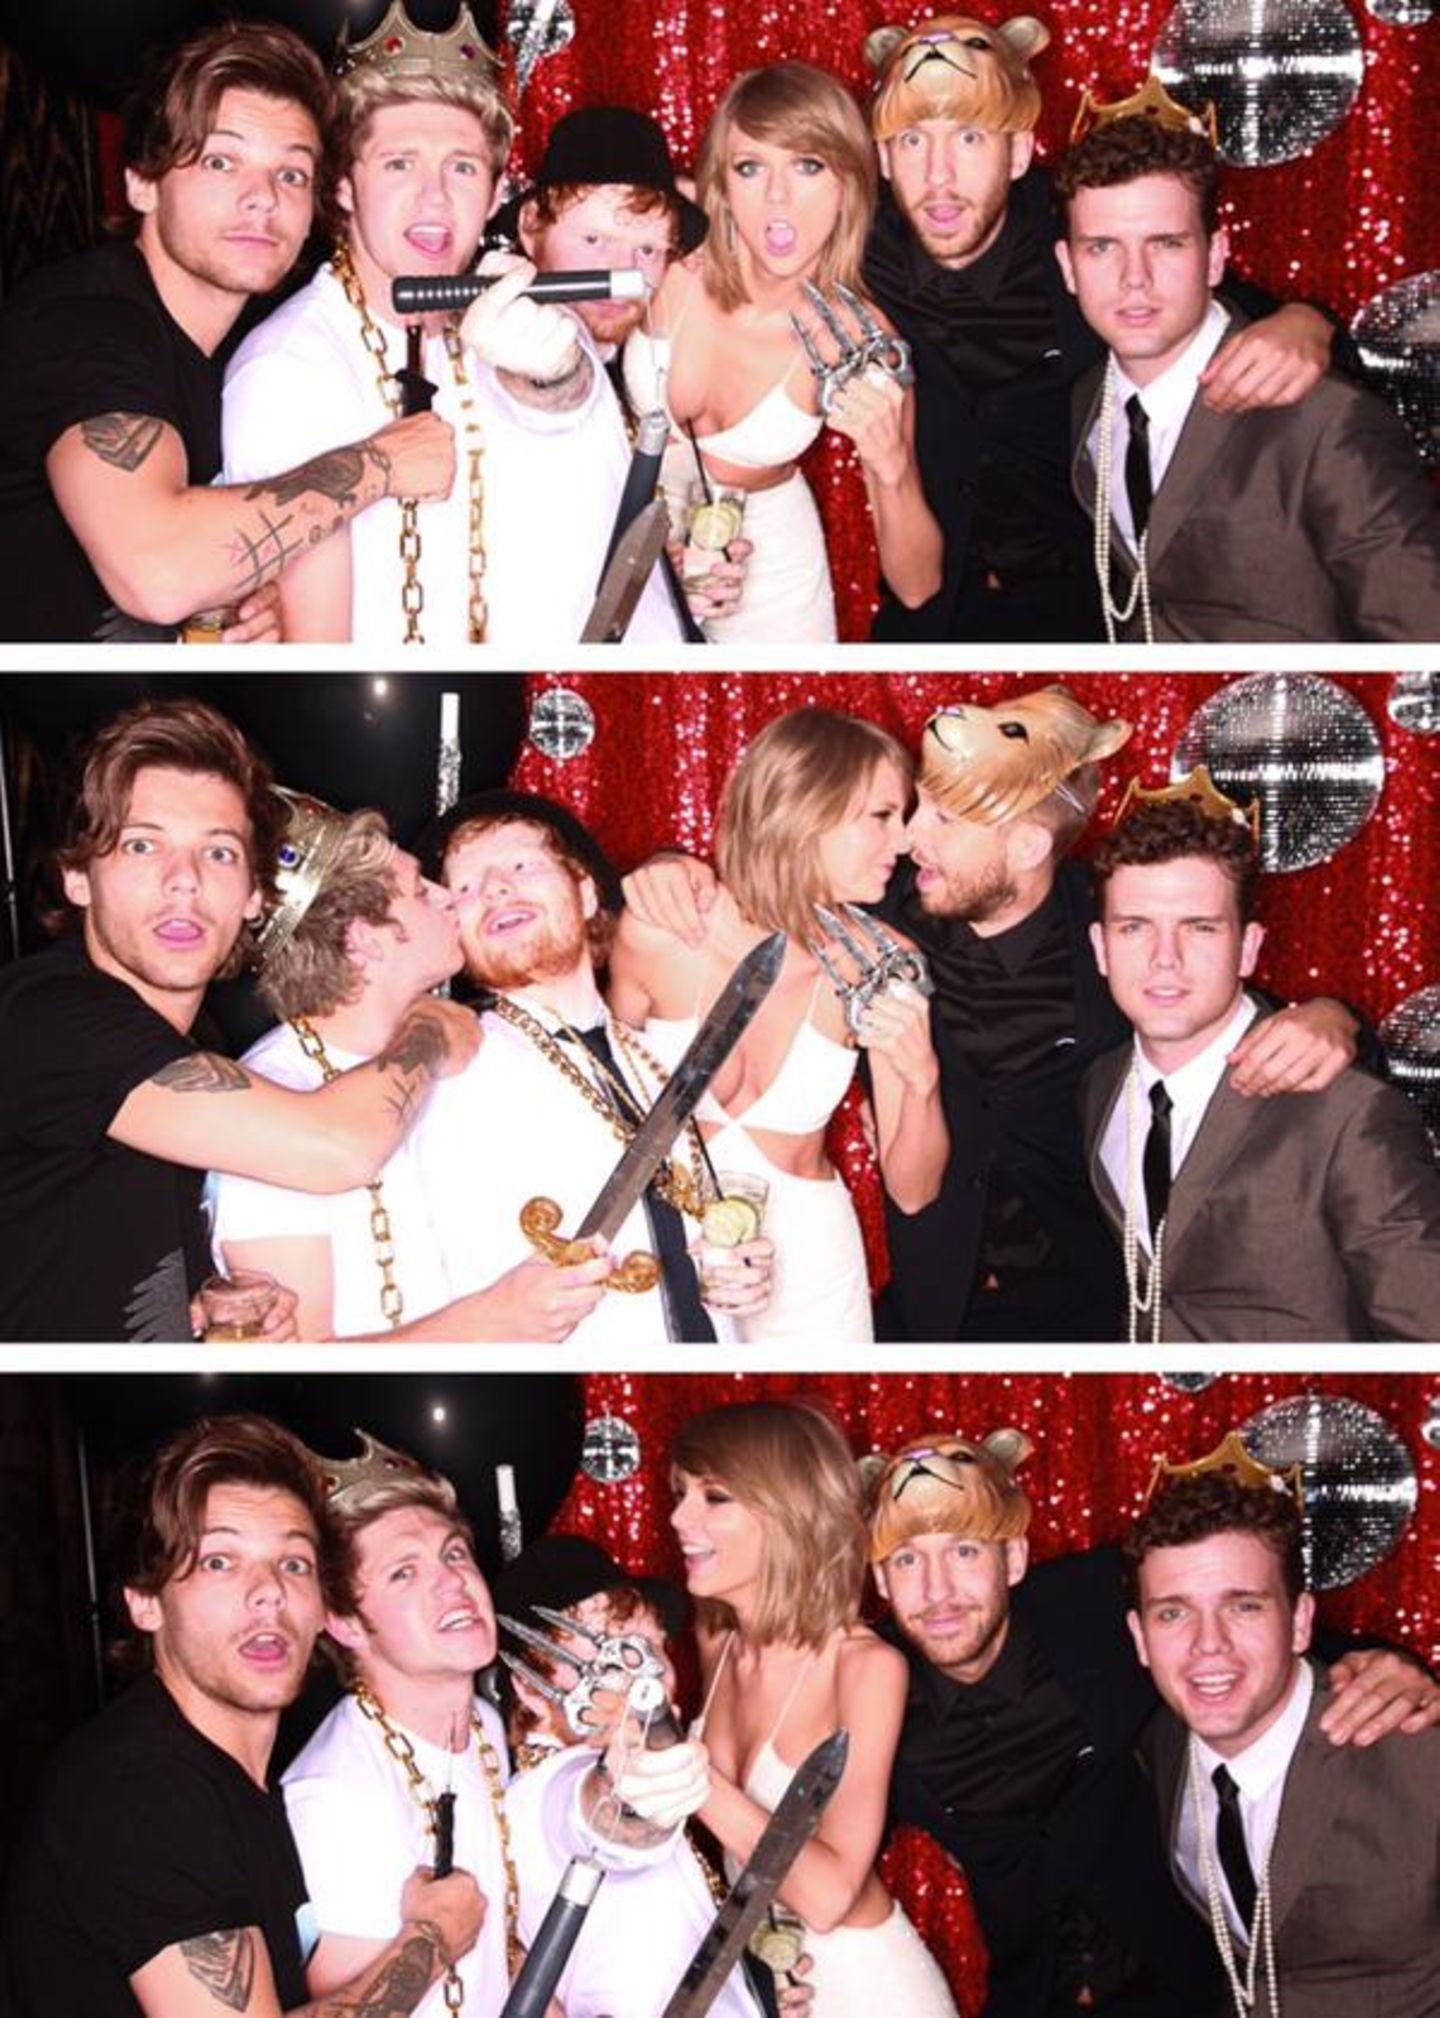 """Mai 2015  Scheint eine wilde Nacht gewesen zu sein: Austin Swift postet auf Twitter dieses Foto auf dem nicht nur die berühmte Schwester Tylor Swift zu sehen ist, auch die """"One Direction""""-Stars Louis Tomlinson und Niall Horan sowie Ed Sheeran ließen es auf der Aftershow-Party der """"Billboard Music Awards 2015"""" so richtig krachen."""